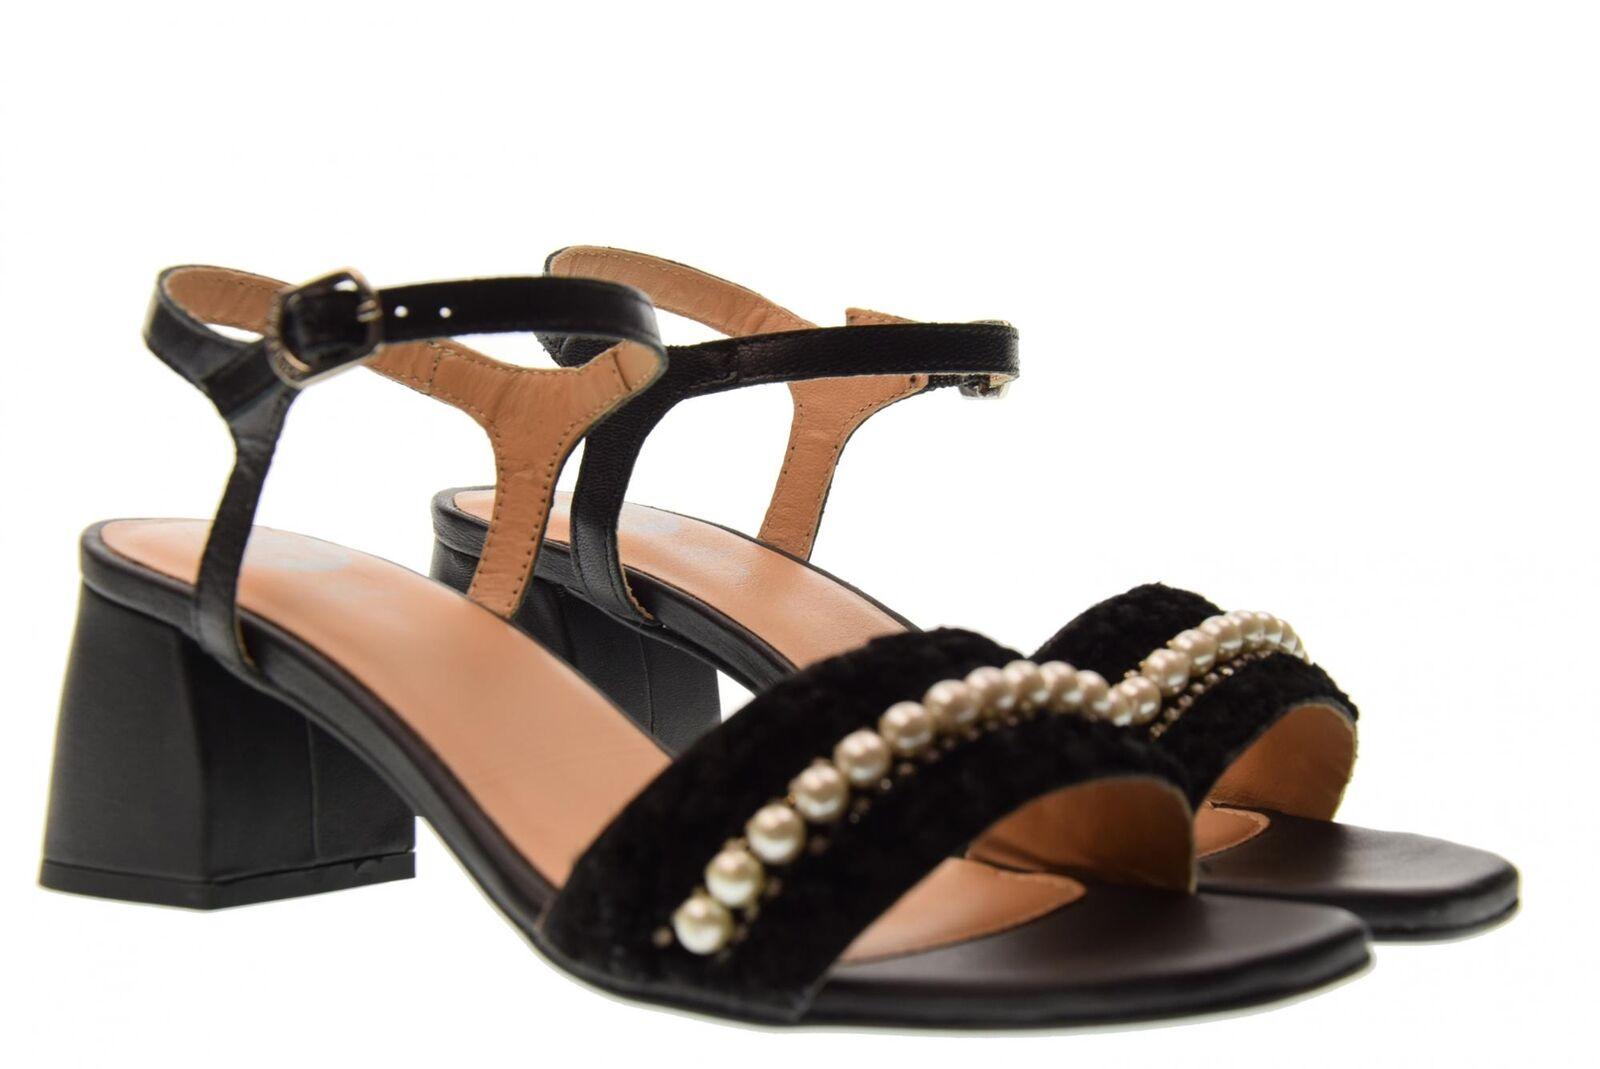 Último gran descuento Gioseppo zapatos mujer sandalias 45342 NEGRO P18s